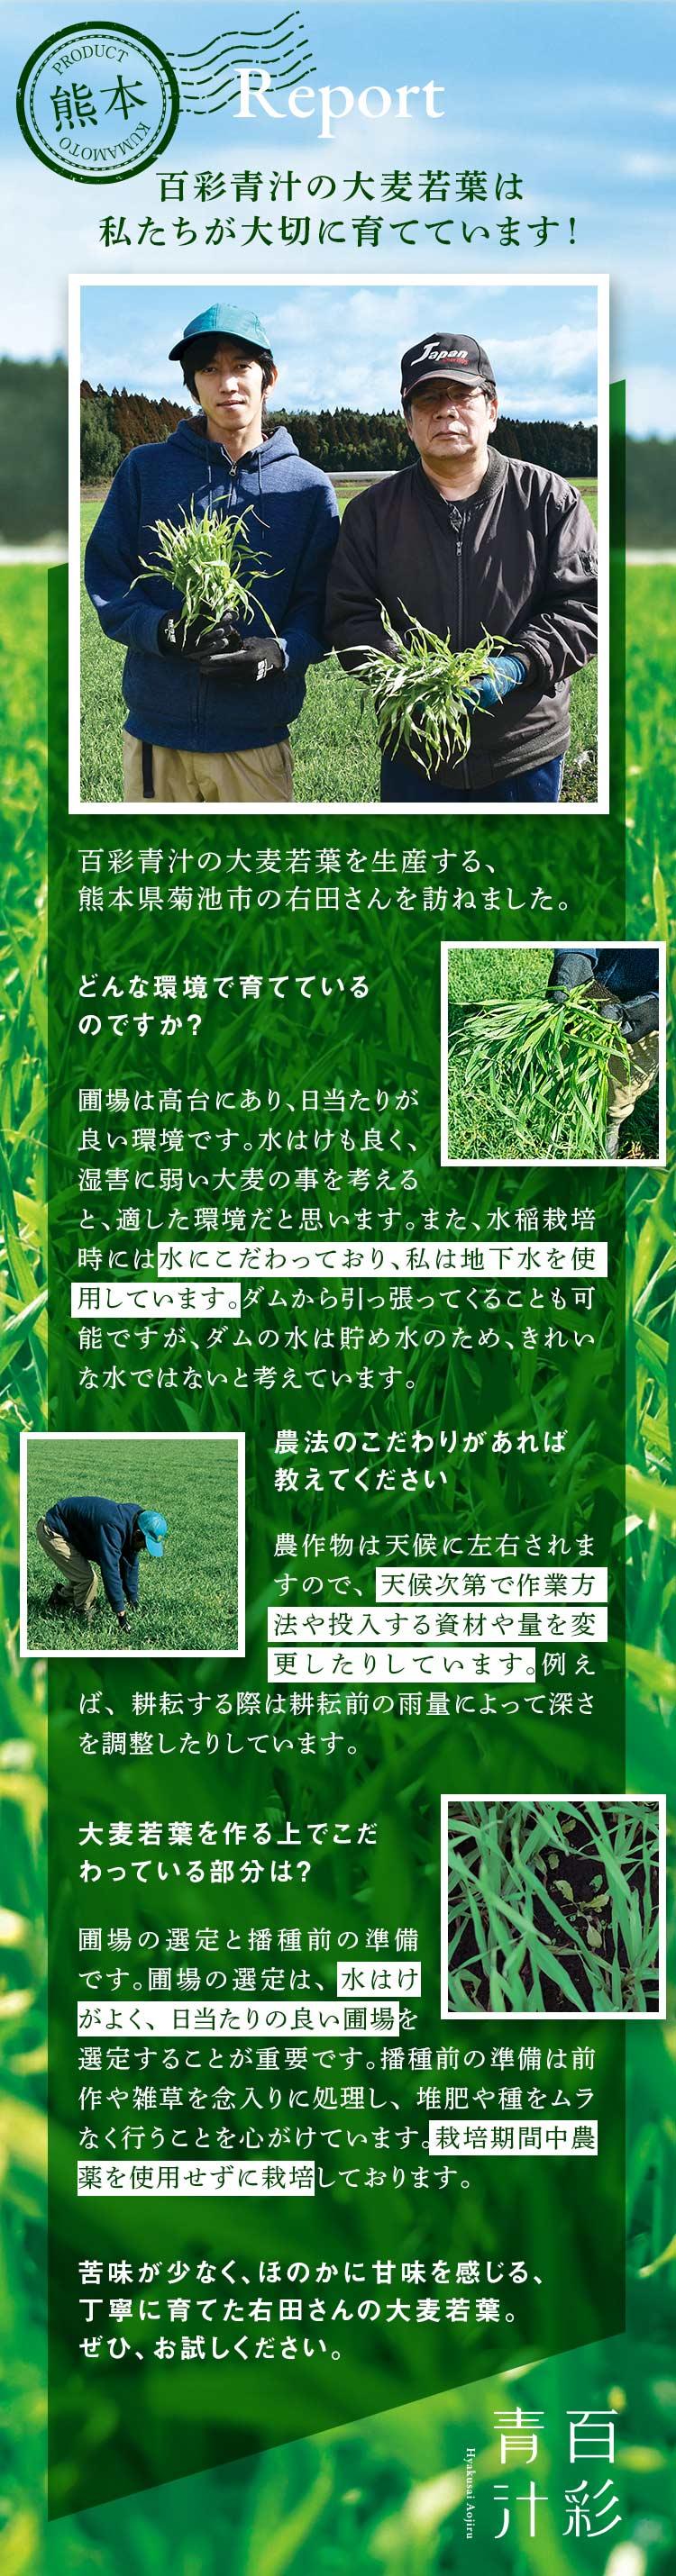 Report 熊本から 百彩青汁の大麦若葉は私たちが大切に育てています!百彩青汁の大麦若葉を生産する、熊本県菊池市の右田さんを訪ねました。ーどんな環境で育てているのですか?圃場は高台にあり、日当たりが良い環境です。水はけも良く、湿害に弱い大麦の事を考えると、適した環境だと思います。また、水稲栽培時には水にこだわっており、私は地下水を使用しています。ダムから引っ張ってくることも可能ですが、ダムの水は貯め水のため、きれいな水ではないと考えています。/農法のこだわりがあれば教えてください 農作物は天候に左右されますので、天候次第で作業方法や投入する資材や量を変更したりしています。例えば、耕耘する際は耕耘前の雨量によって深さを調整したりしています。/大麦若葉を作る上でこだわっている部分は? 圃場の選定と播種前の準備です。圃場の選定は、水はけがよく、日当たりの良い圃場を選定することが重要です。播種前の準備は前作や雑草を念入りに処理し、堆肥や種をムラなく行うことを心がけています。栽培期間中農薬を使用せずに栽培しております。苦味が少なく、ほのかに甘味を感じる、丁寧に育てた右田さんの大麦若葉。ぜひ、お試しください。